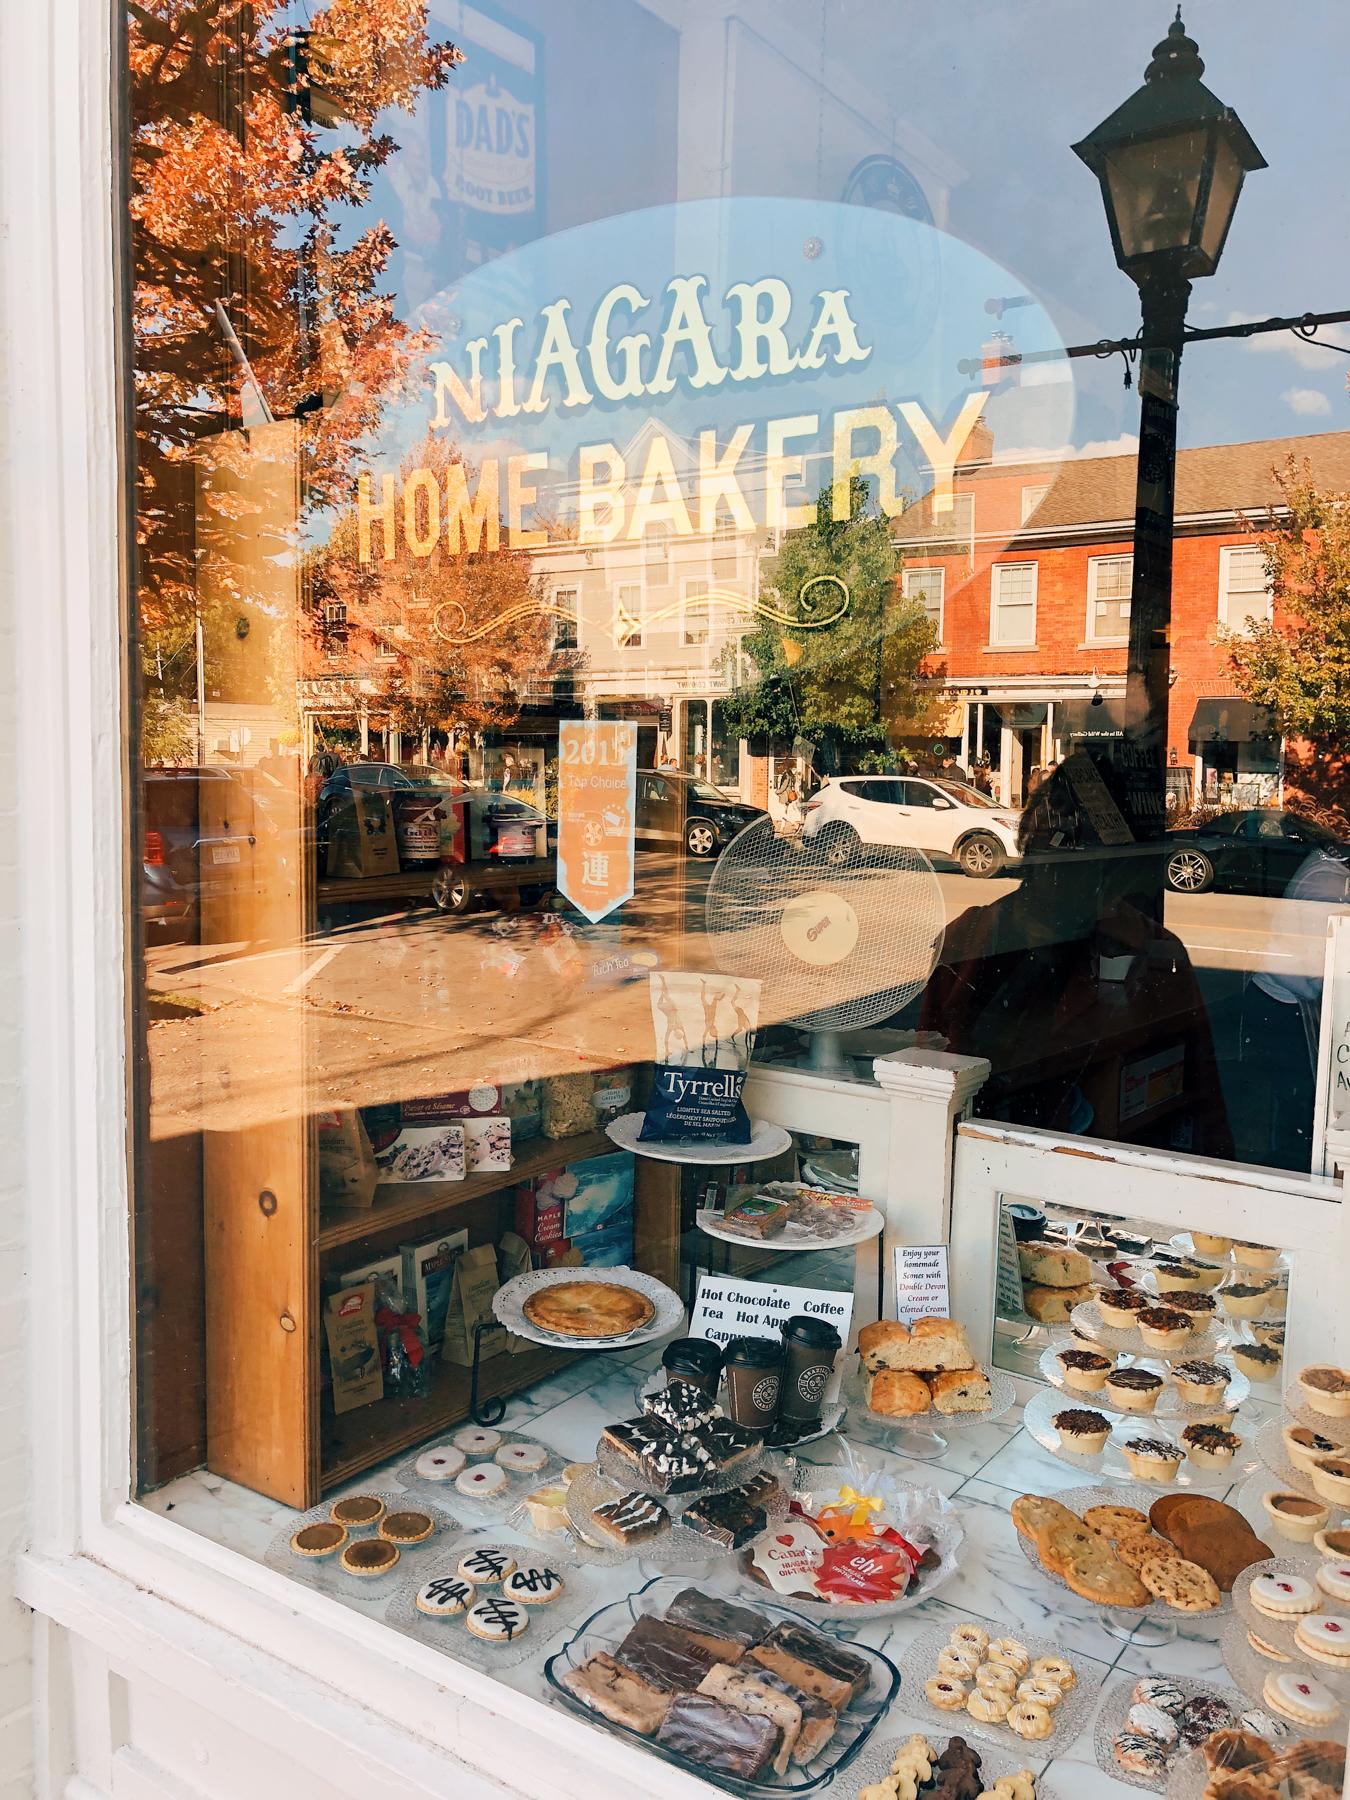 Niagara Home Bakery